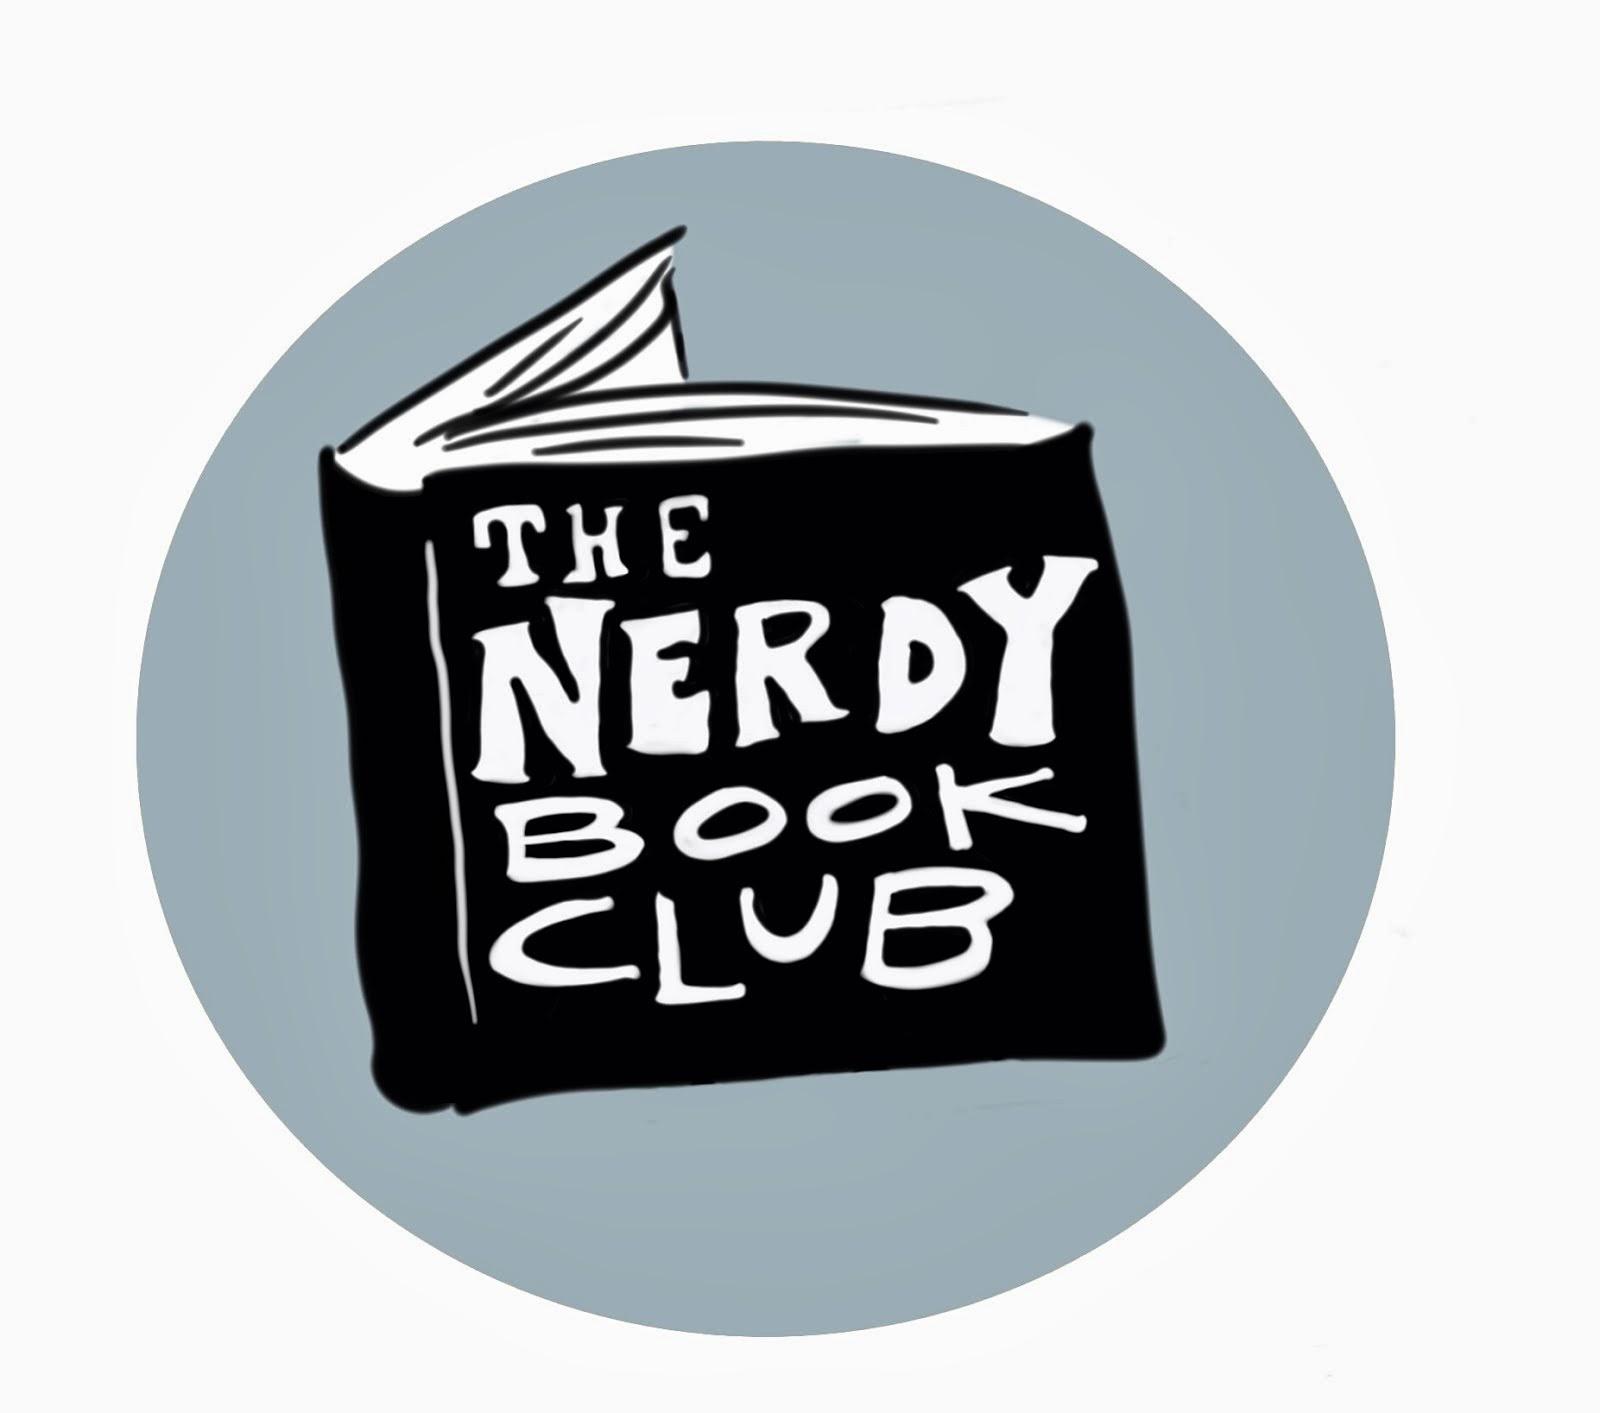 I'm a Nerdy!